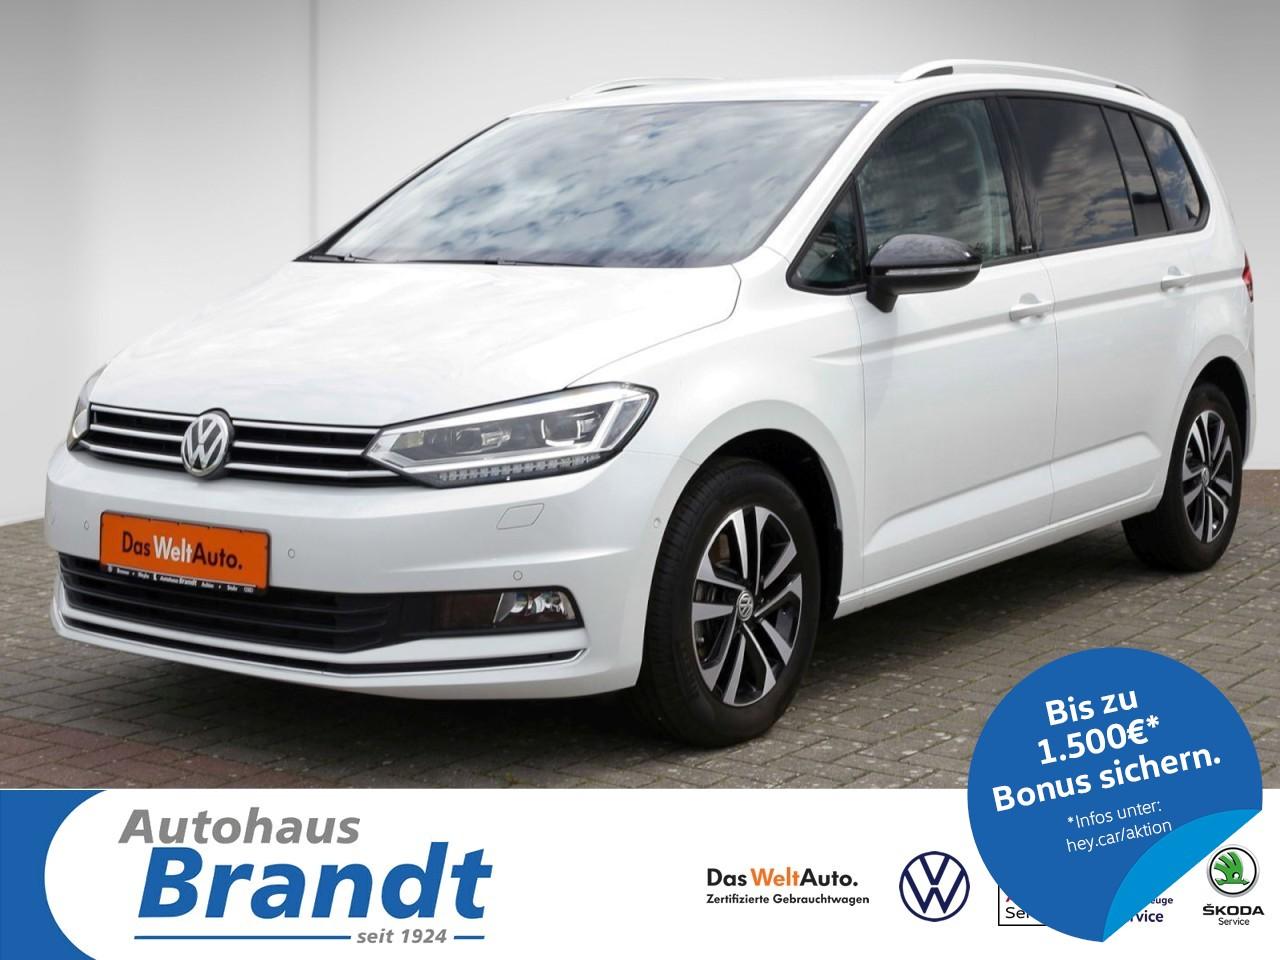 Volkswagen Touran 2.0 TDI IQ.DRIVE DSG*LED*7-SITZE*ACC*KAMERA, Jahr 2020, Diesel